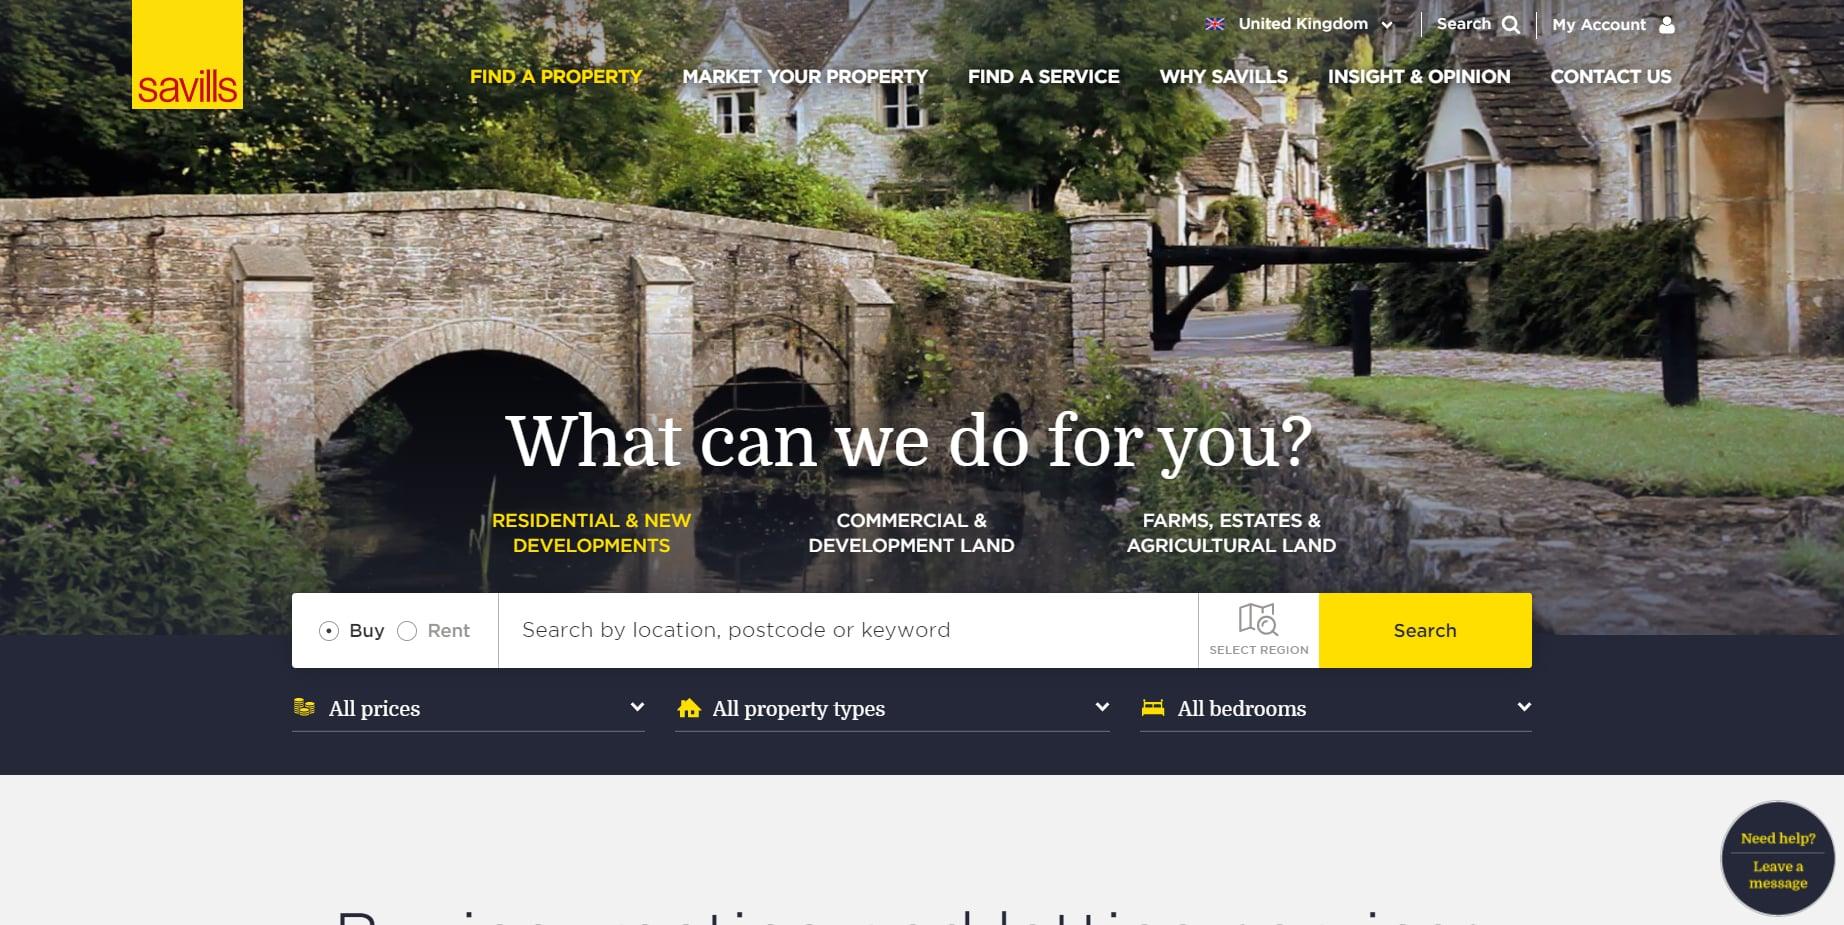 savills real estate landing page